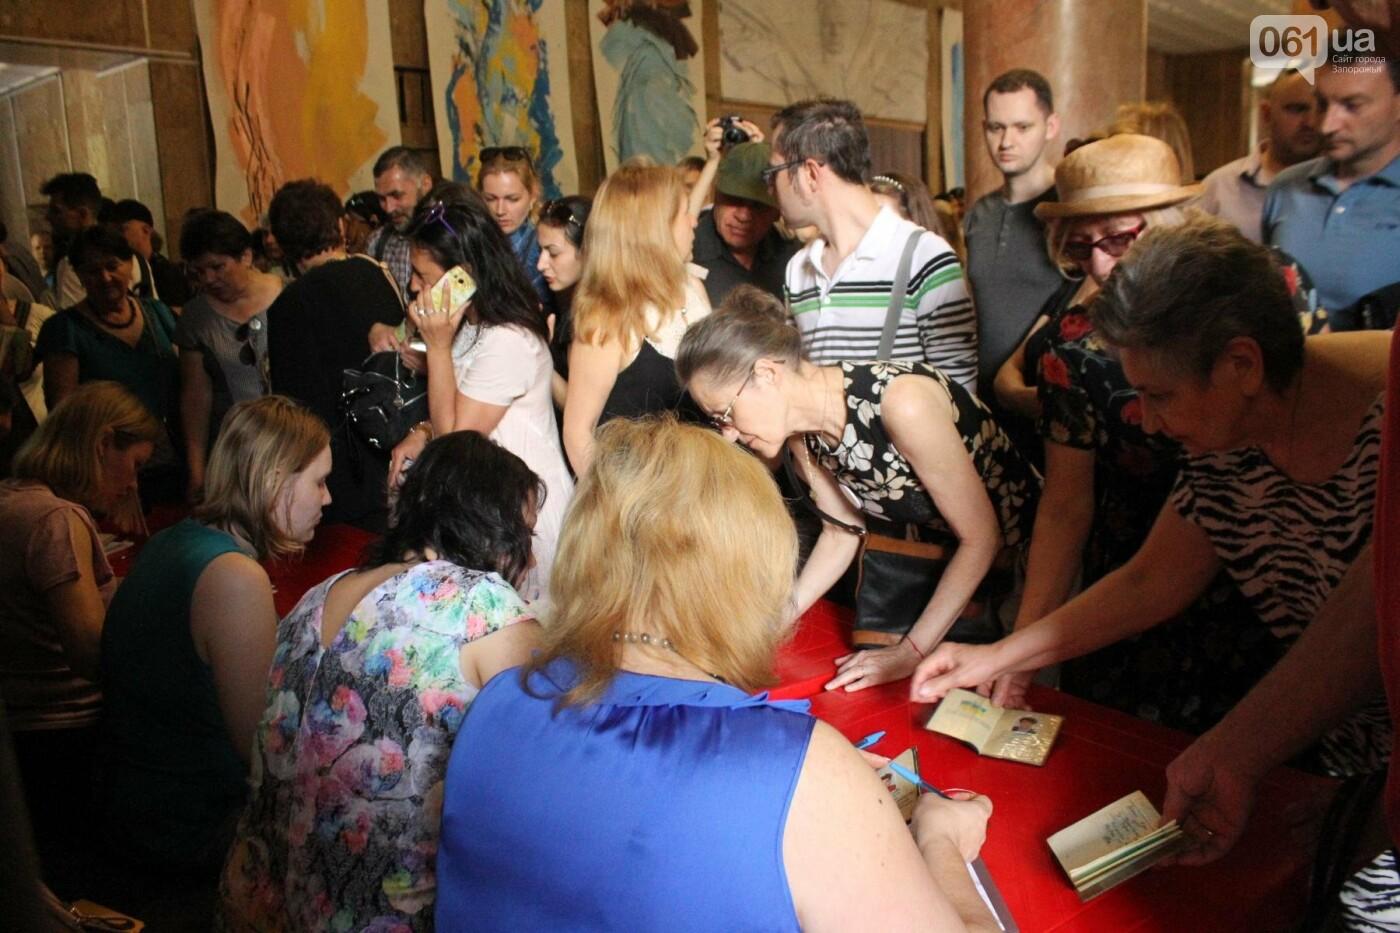 Как прошли общественные слушания о застройке сквера Яланского, – ФОТОРЕПОРТАЖ, фото-7